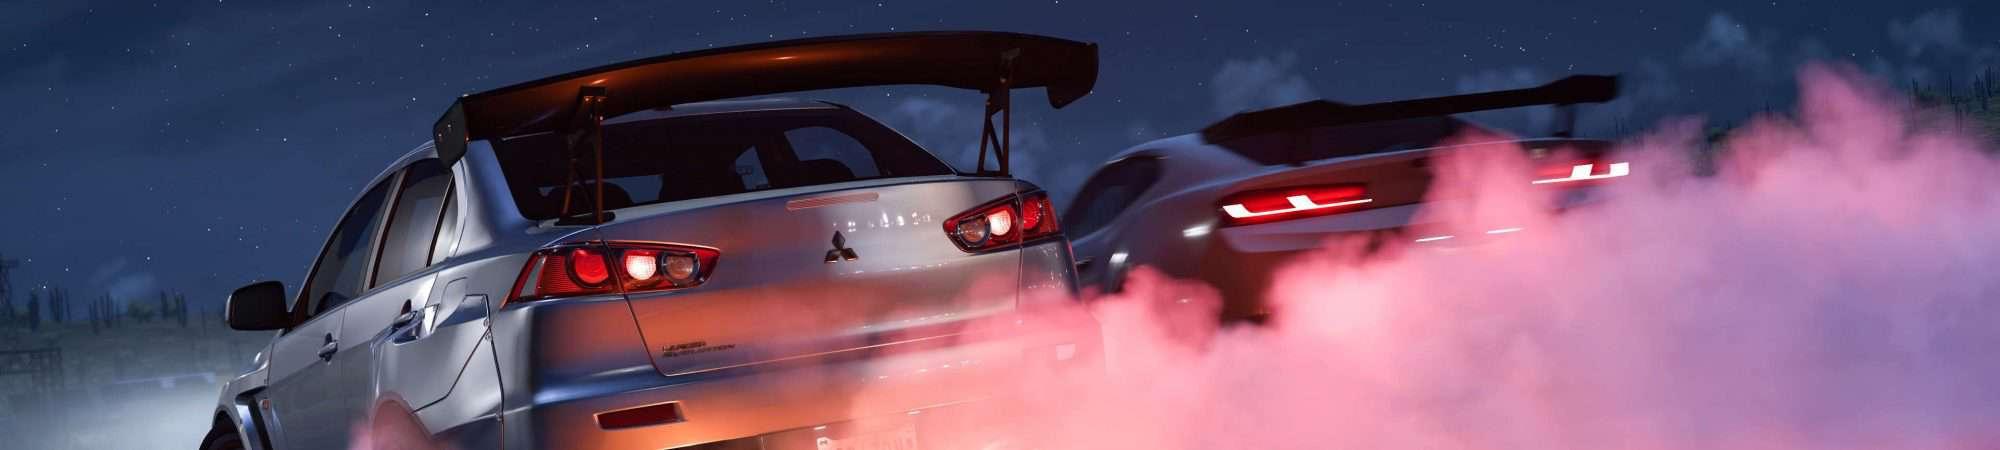 'Forza Horizon 5' será tão lindo que usará ray tracing até no áudio, garante desenvolvedores. Imagem: Xbox/Divulgaçã